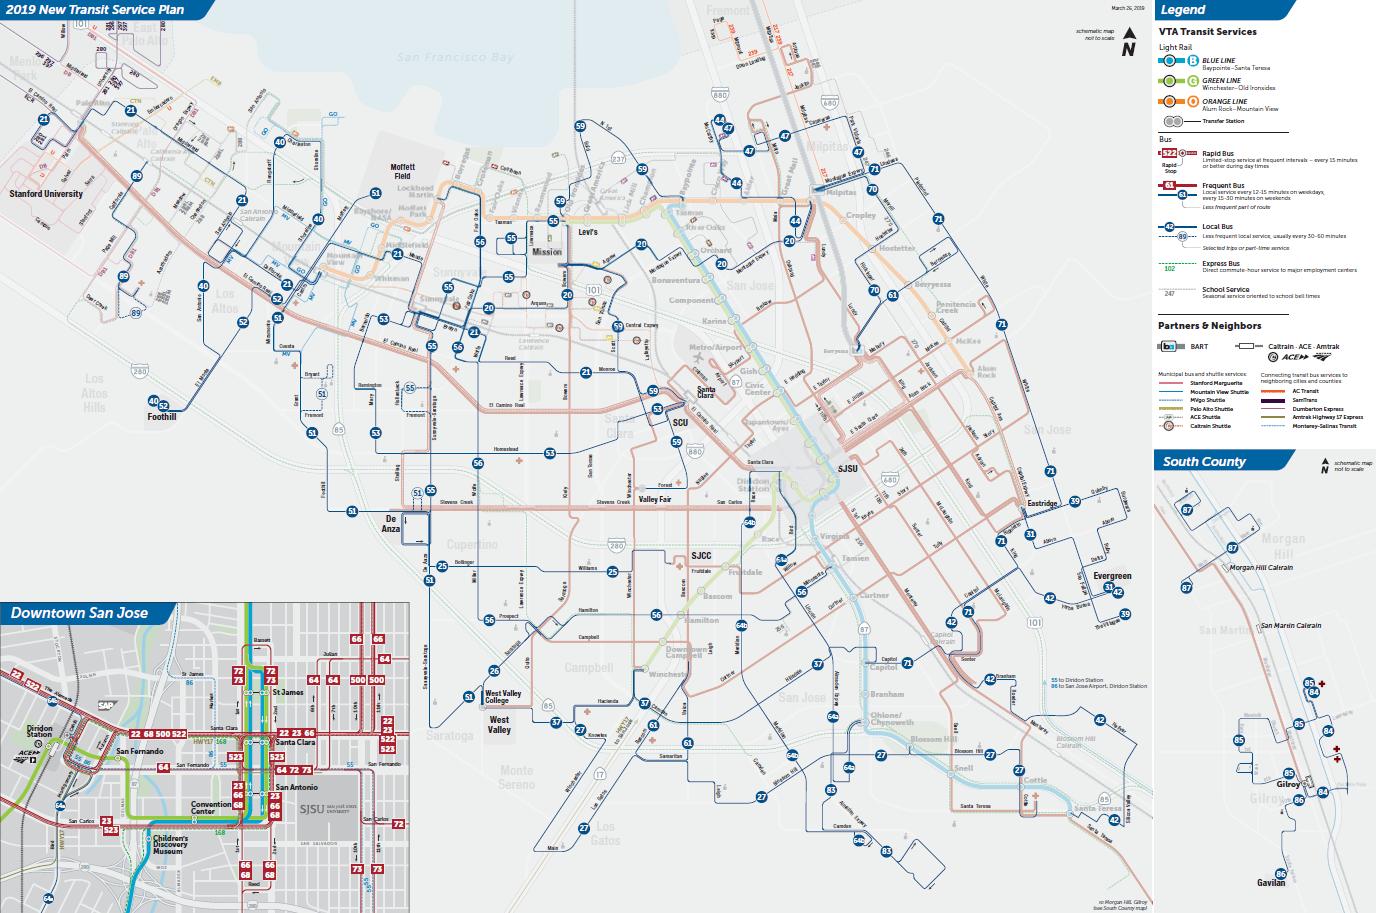 Mapa ng mga Lokal na Ruta sa Final na 2019 New Transit Service Plan ng VTA  (PDF)